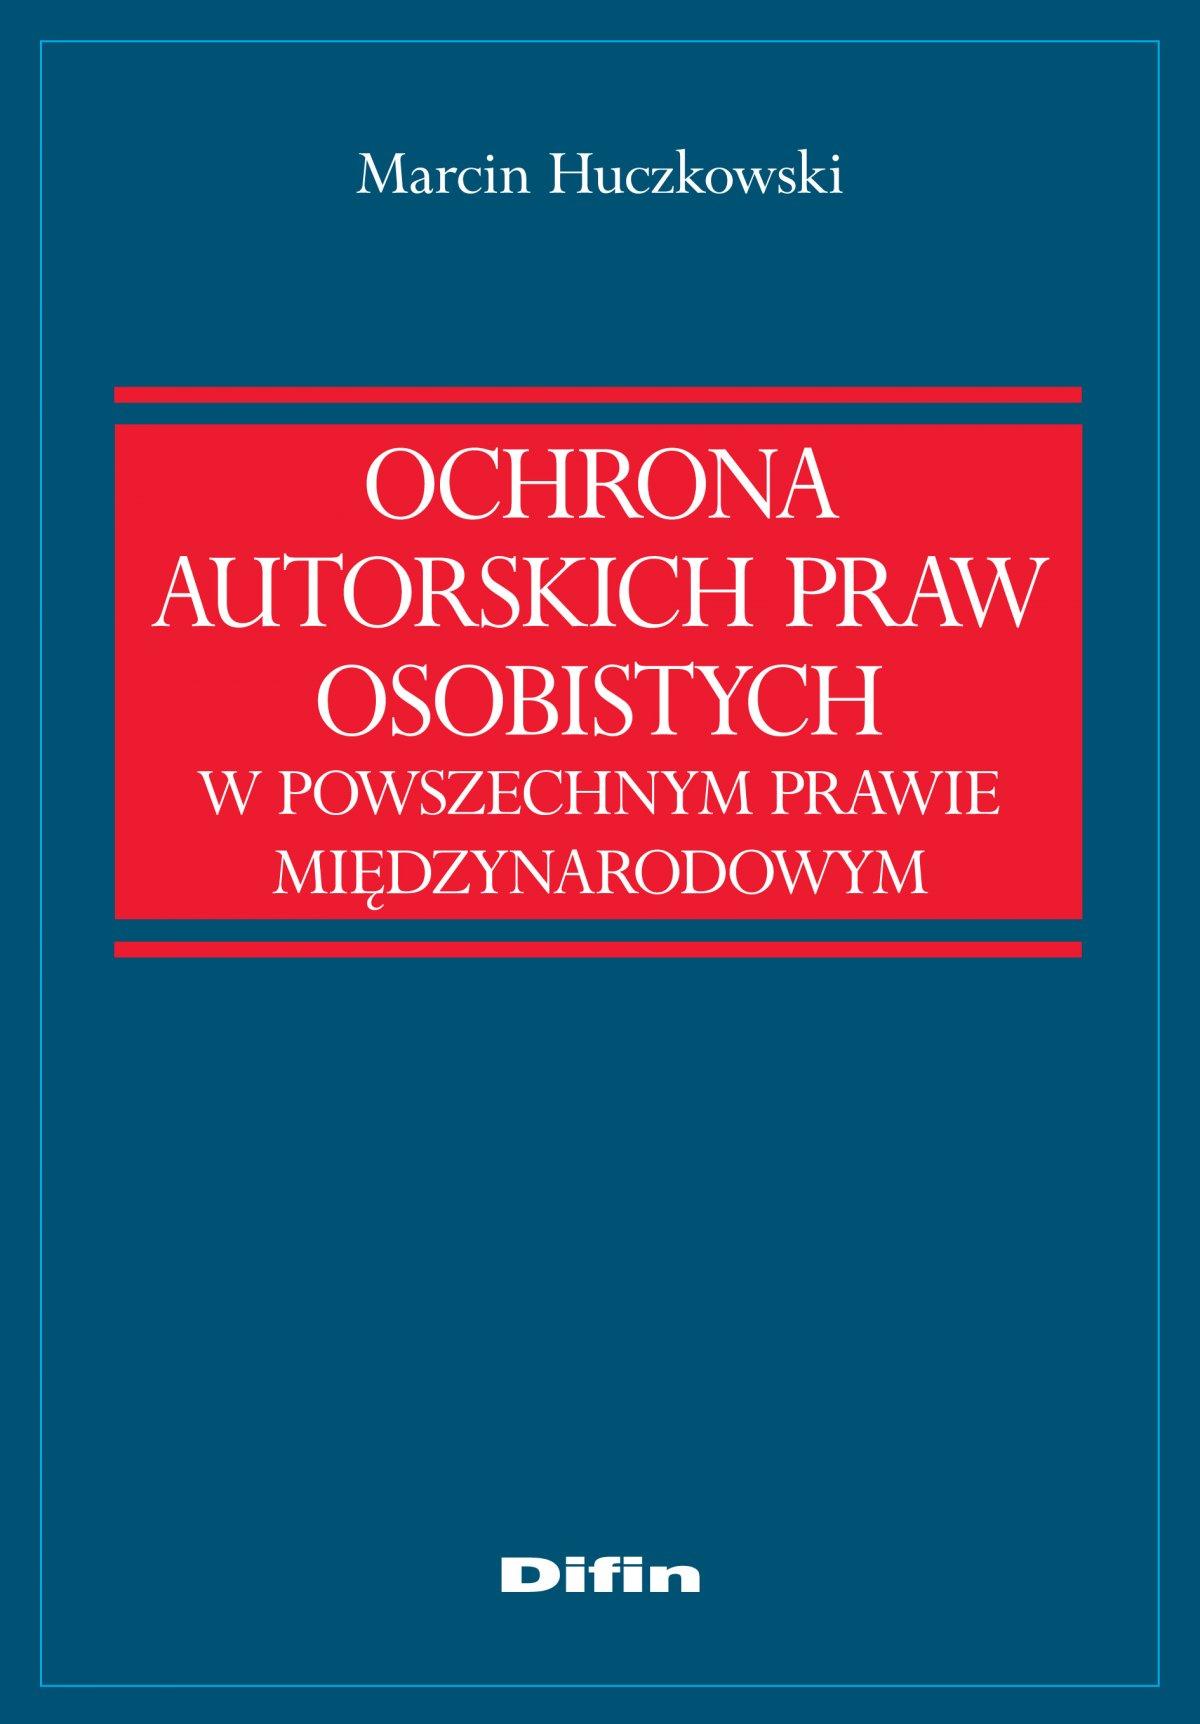 Ochrona autorskich praw osobistych w powszechnym prawie międzynarodowym - Ebook (Książka na Kindle) do pobrania w formacie MOBI